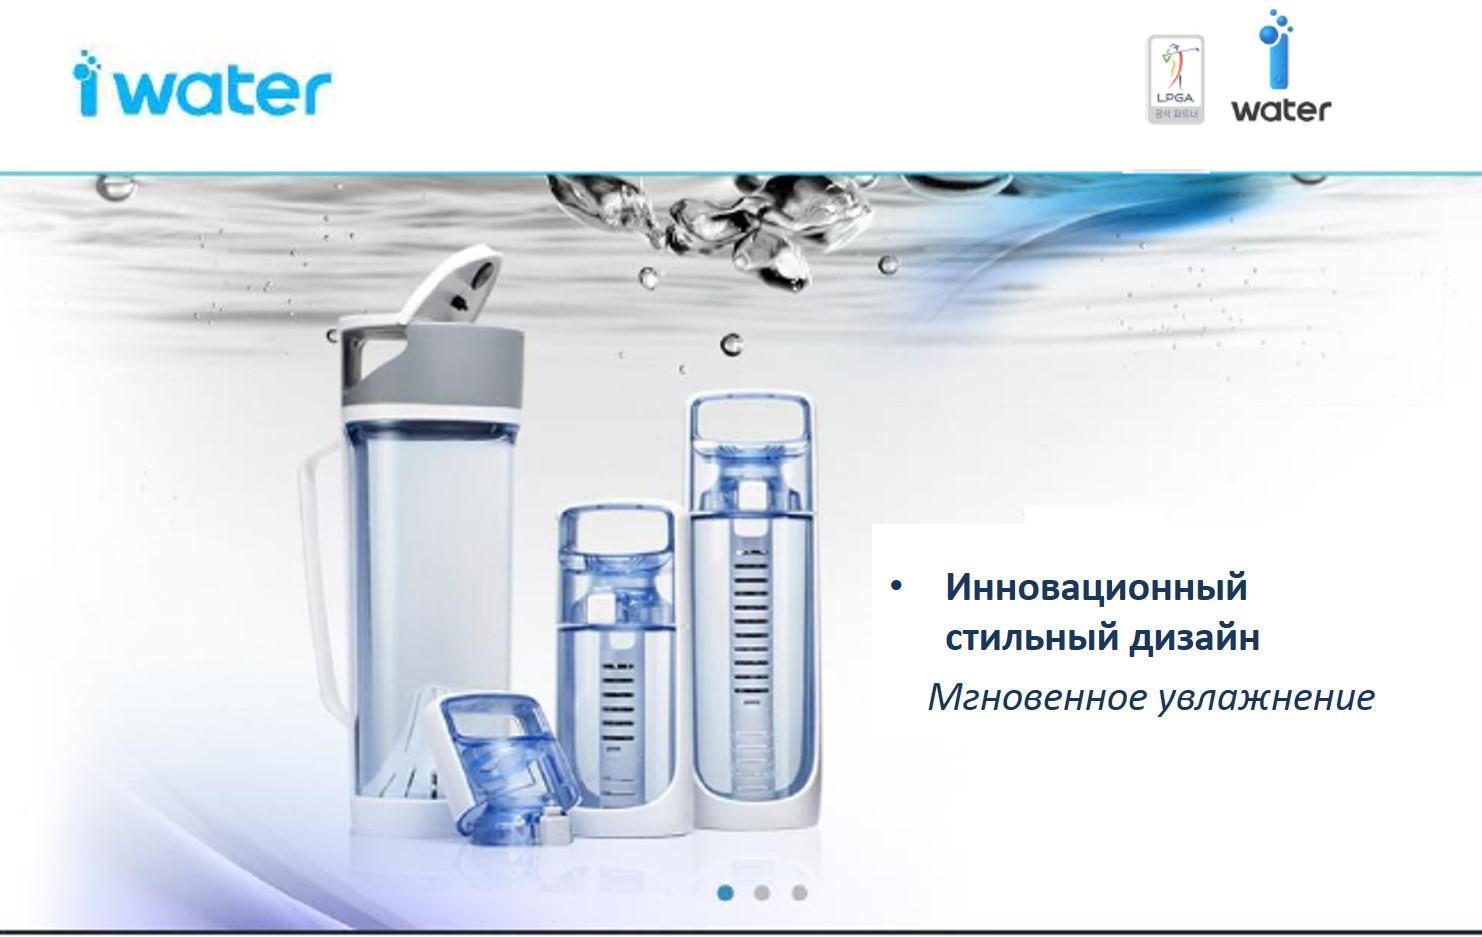 корейский фильтр водородной воды